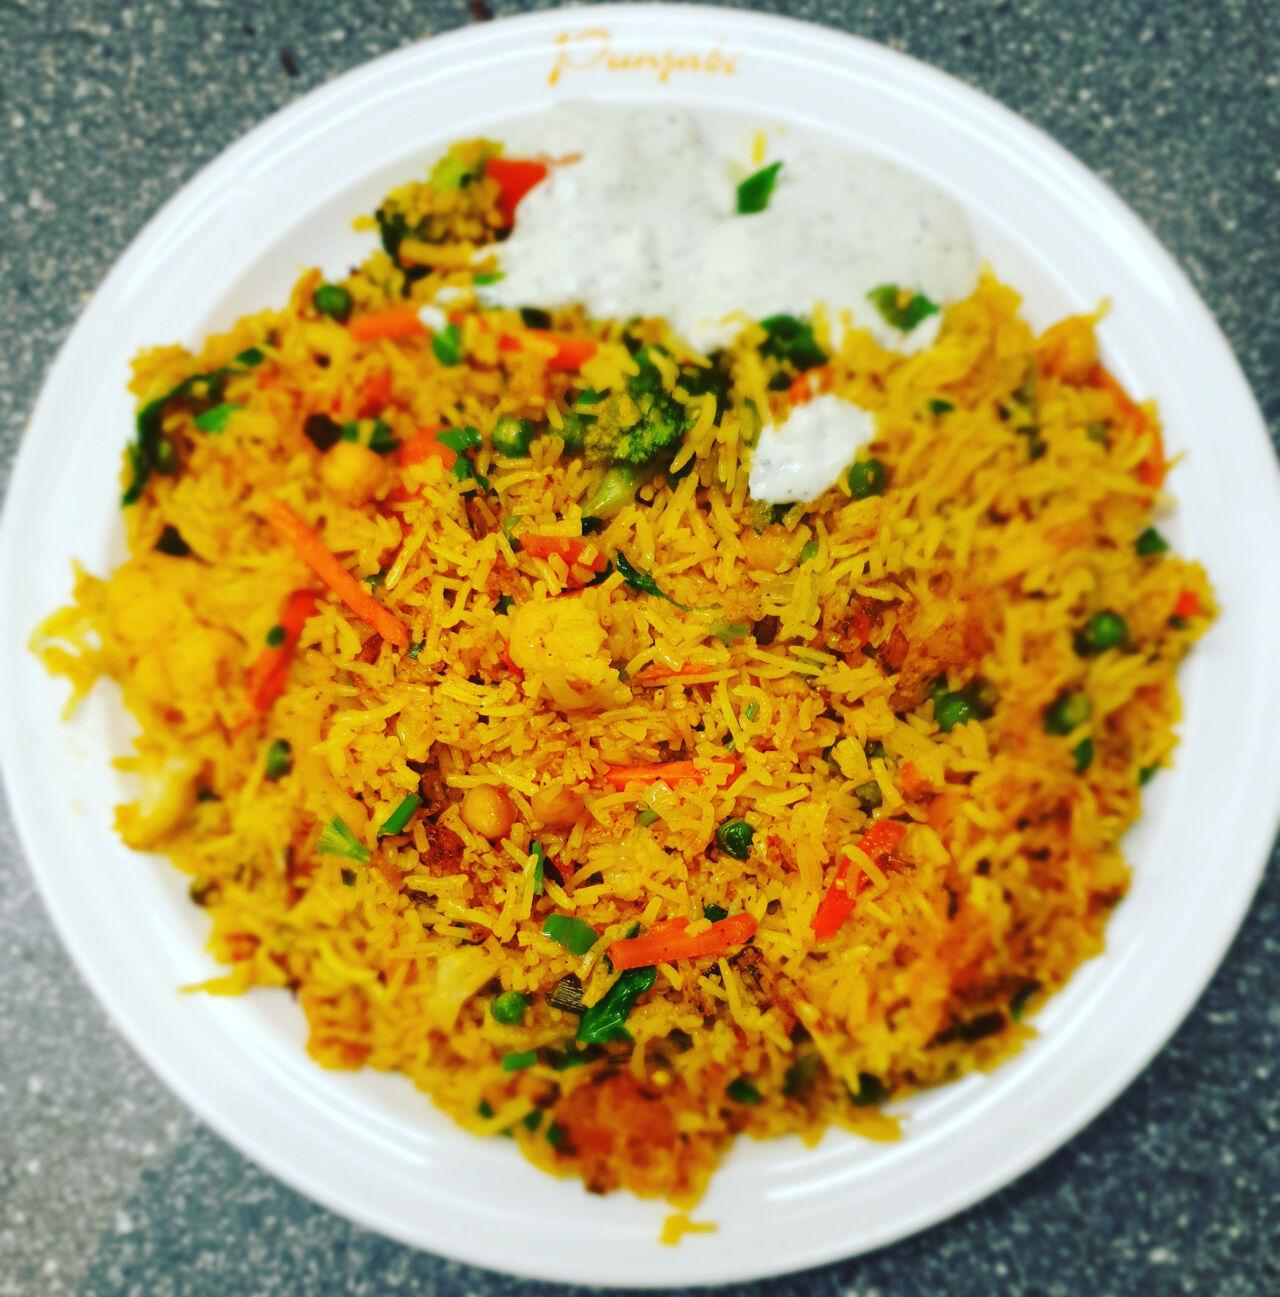 Vegetable Biryani - gebratener Basmatireis mit Gemüse und Joghurt-Minz-Dip